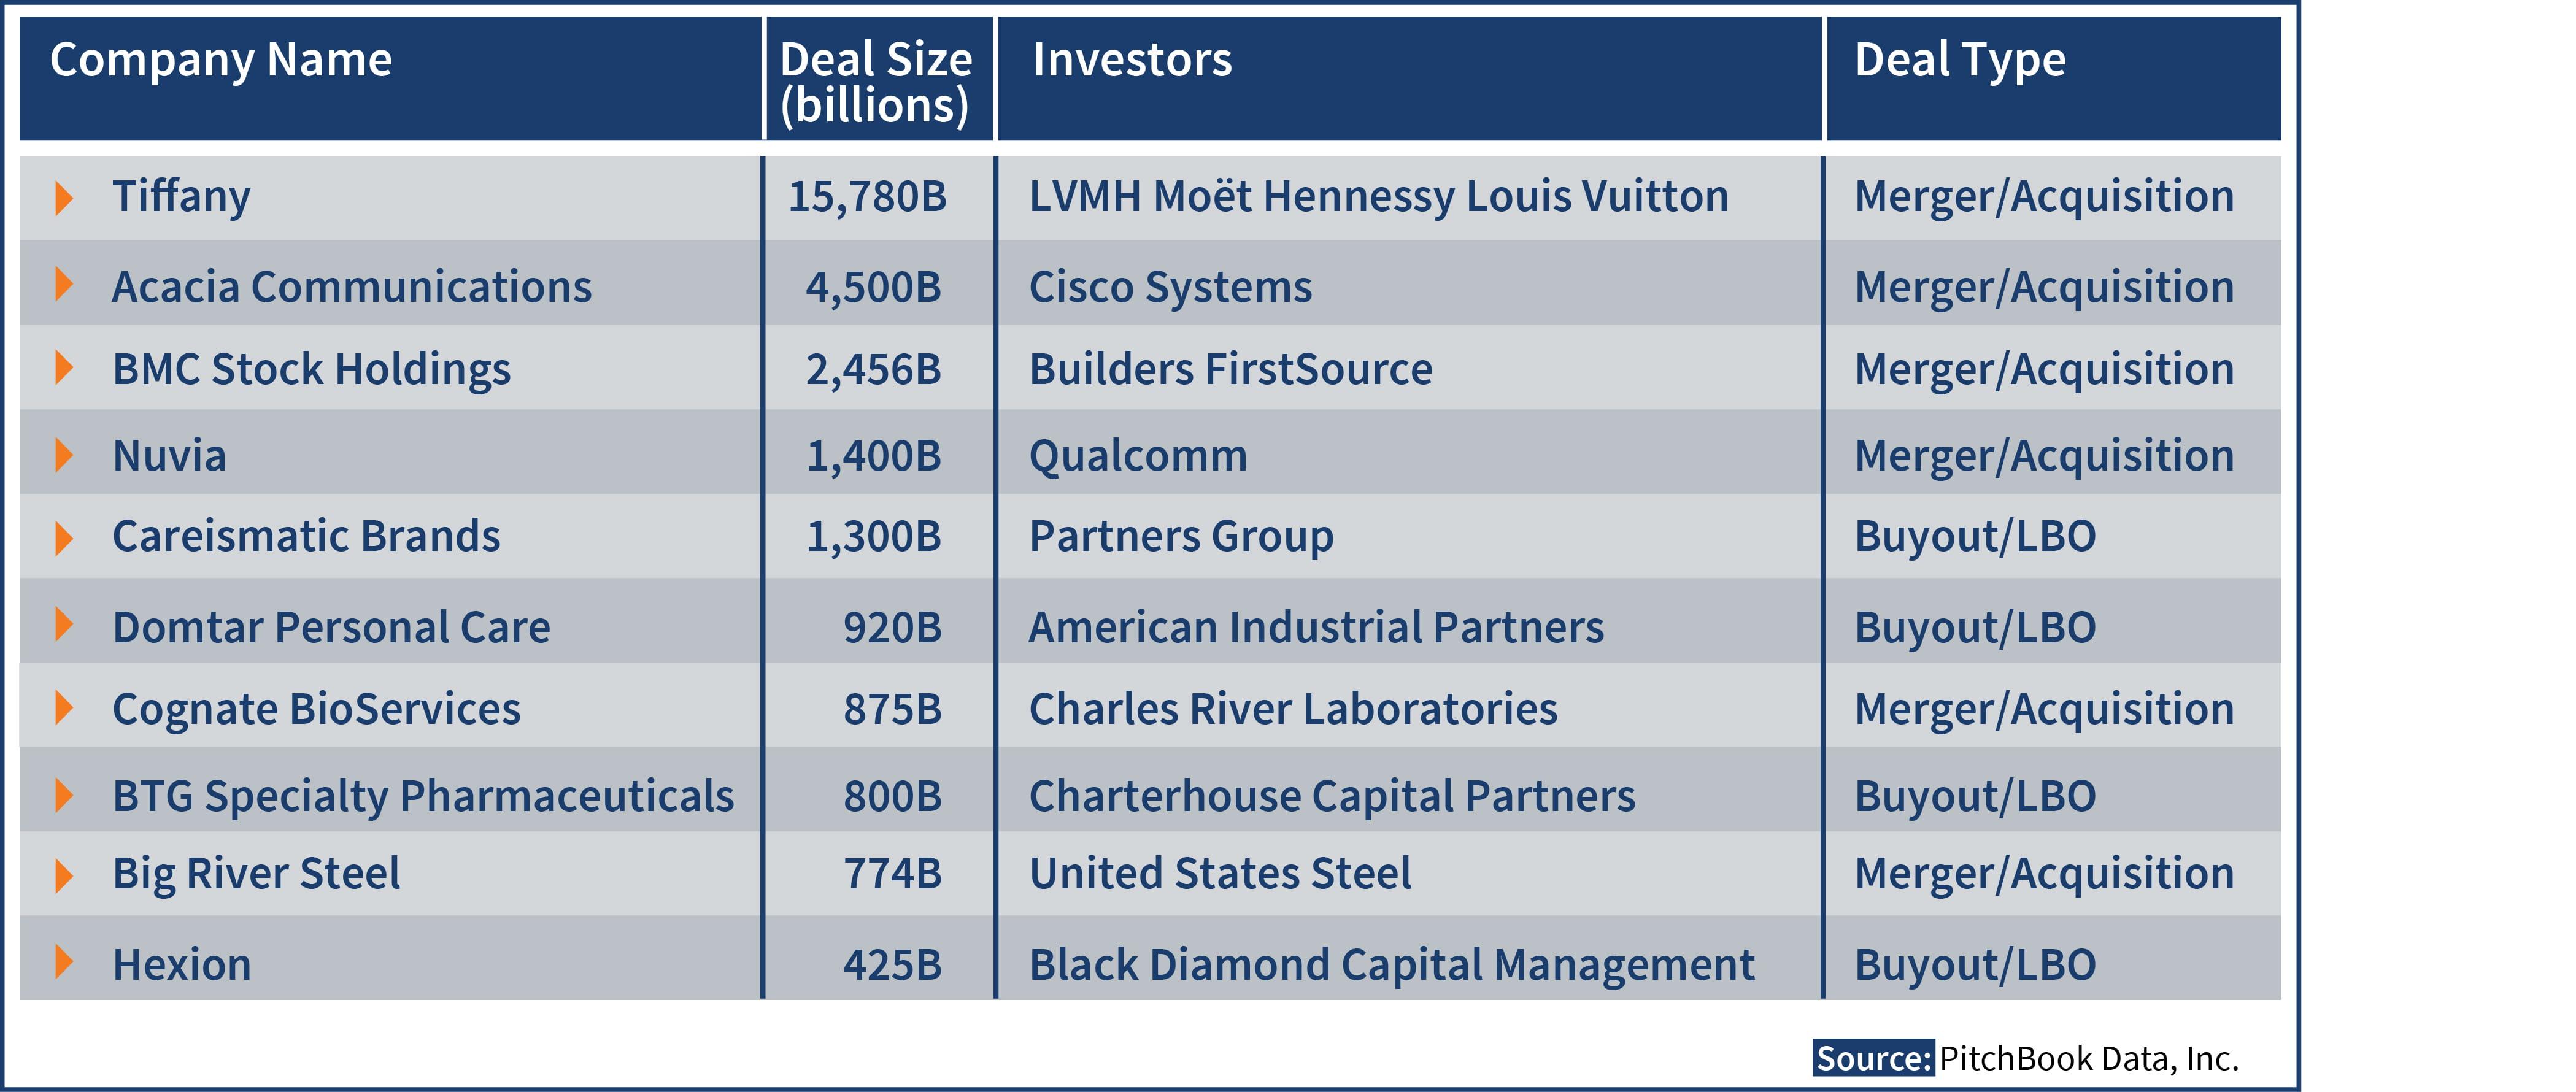 Q1 2021 Top 10 Deals